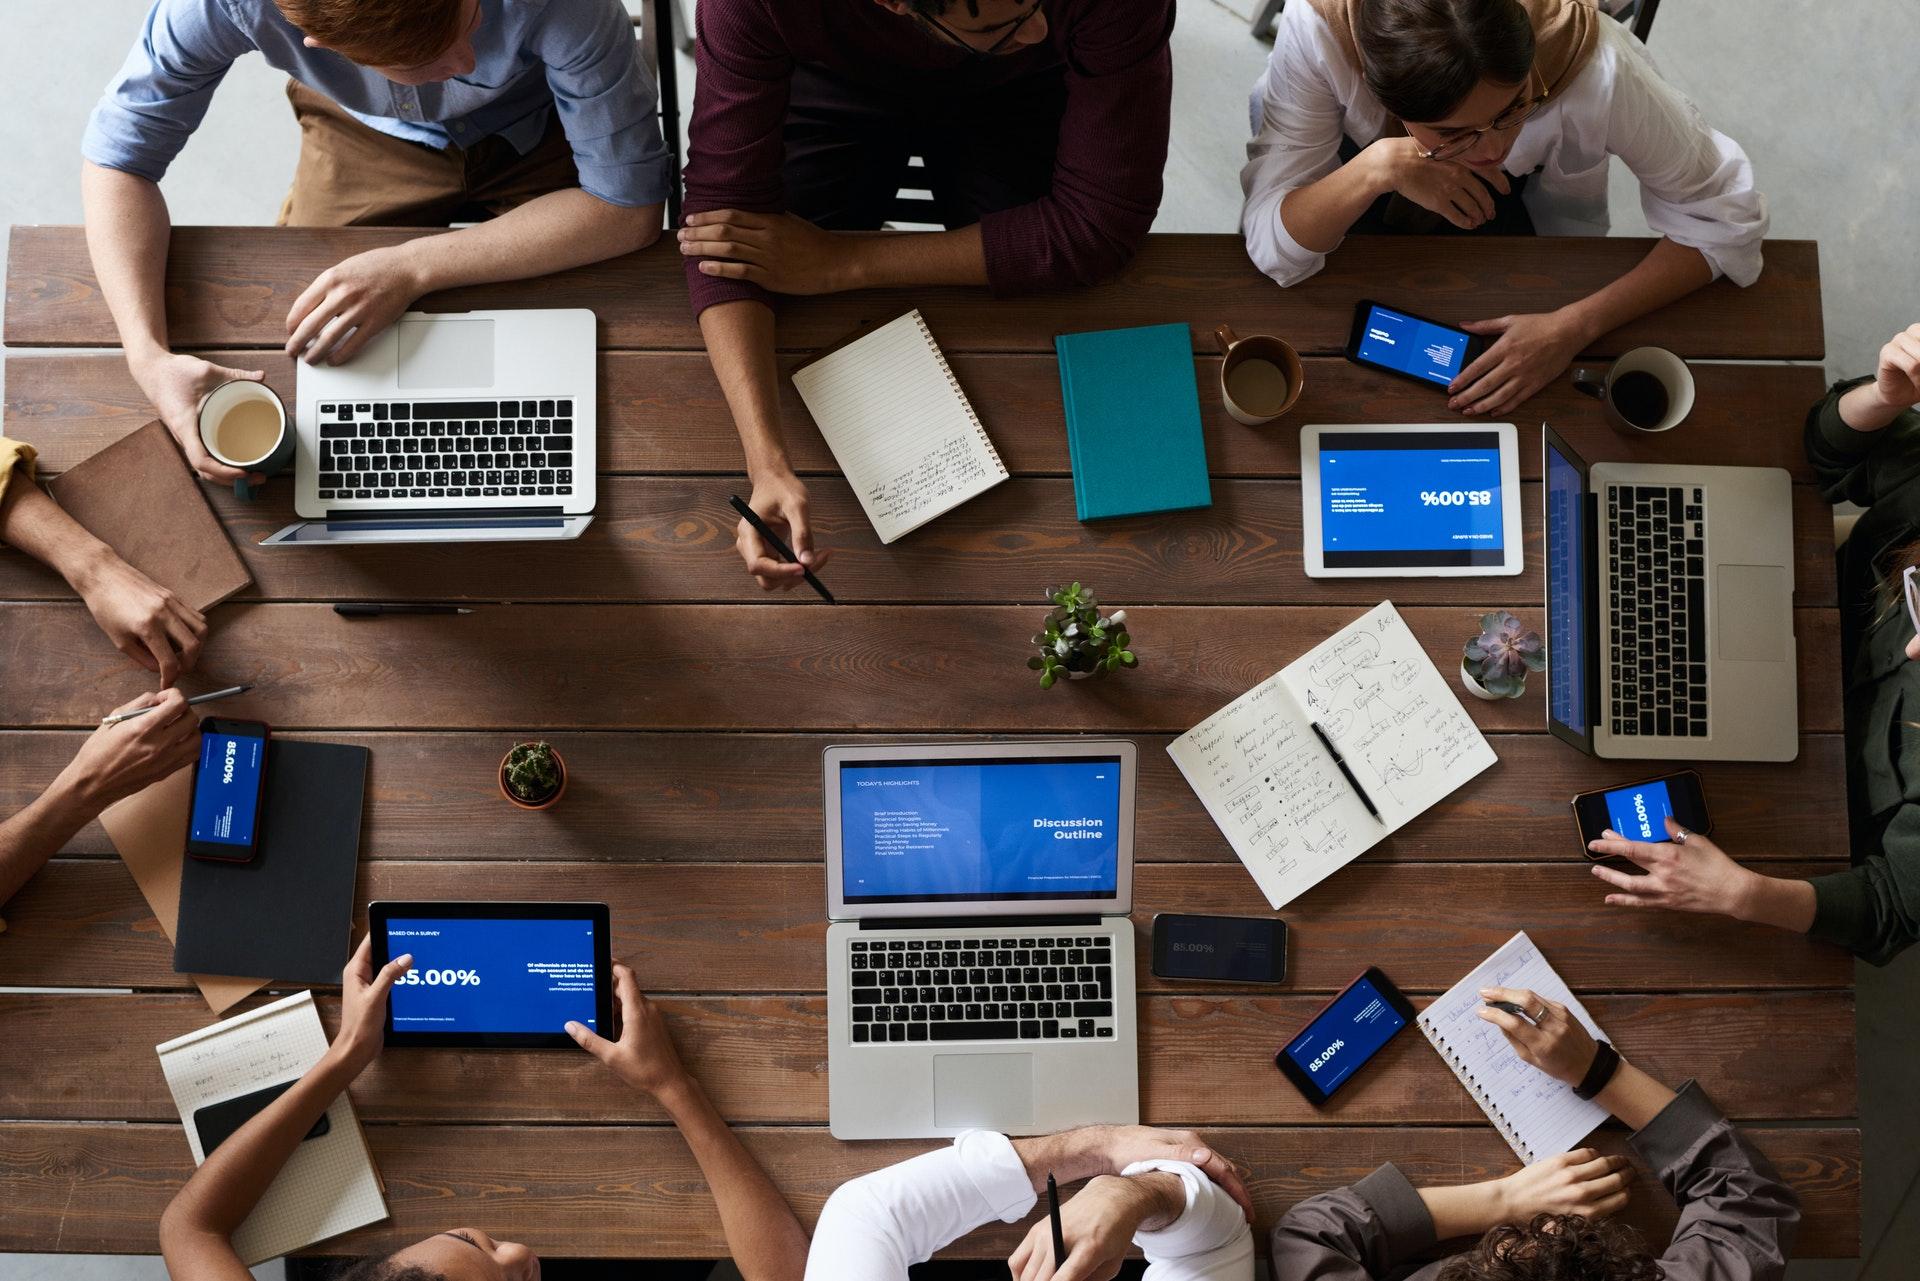 Visto de cima, vemos várias pessoas reunias ao redor de uma mesa; sobre ela vários computadores, agendas, tablets etc. (imagem ilustrativa).